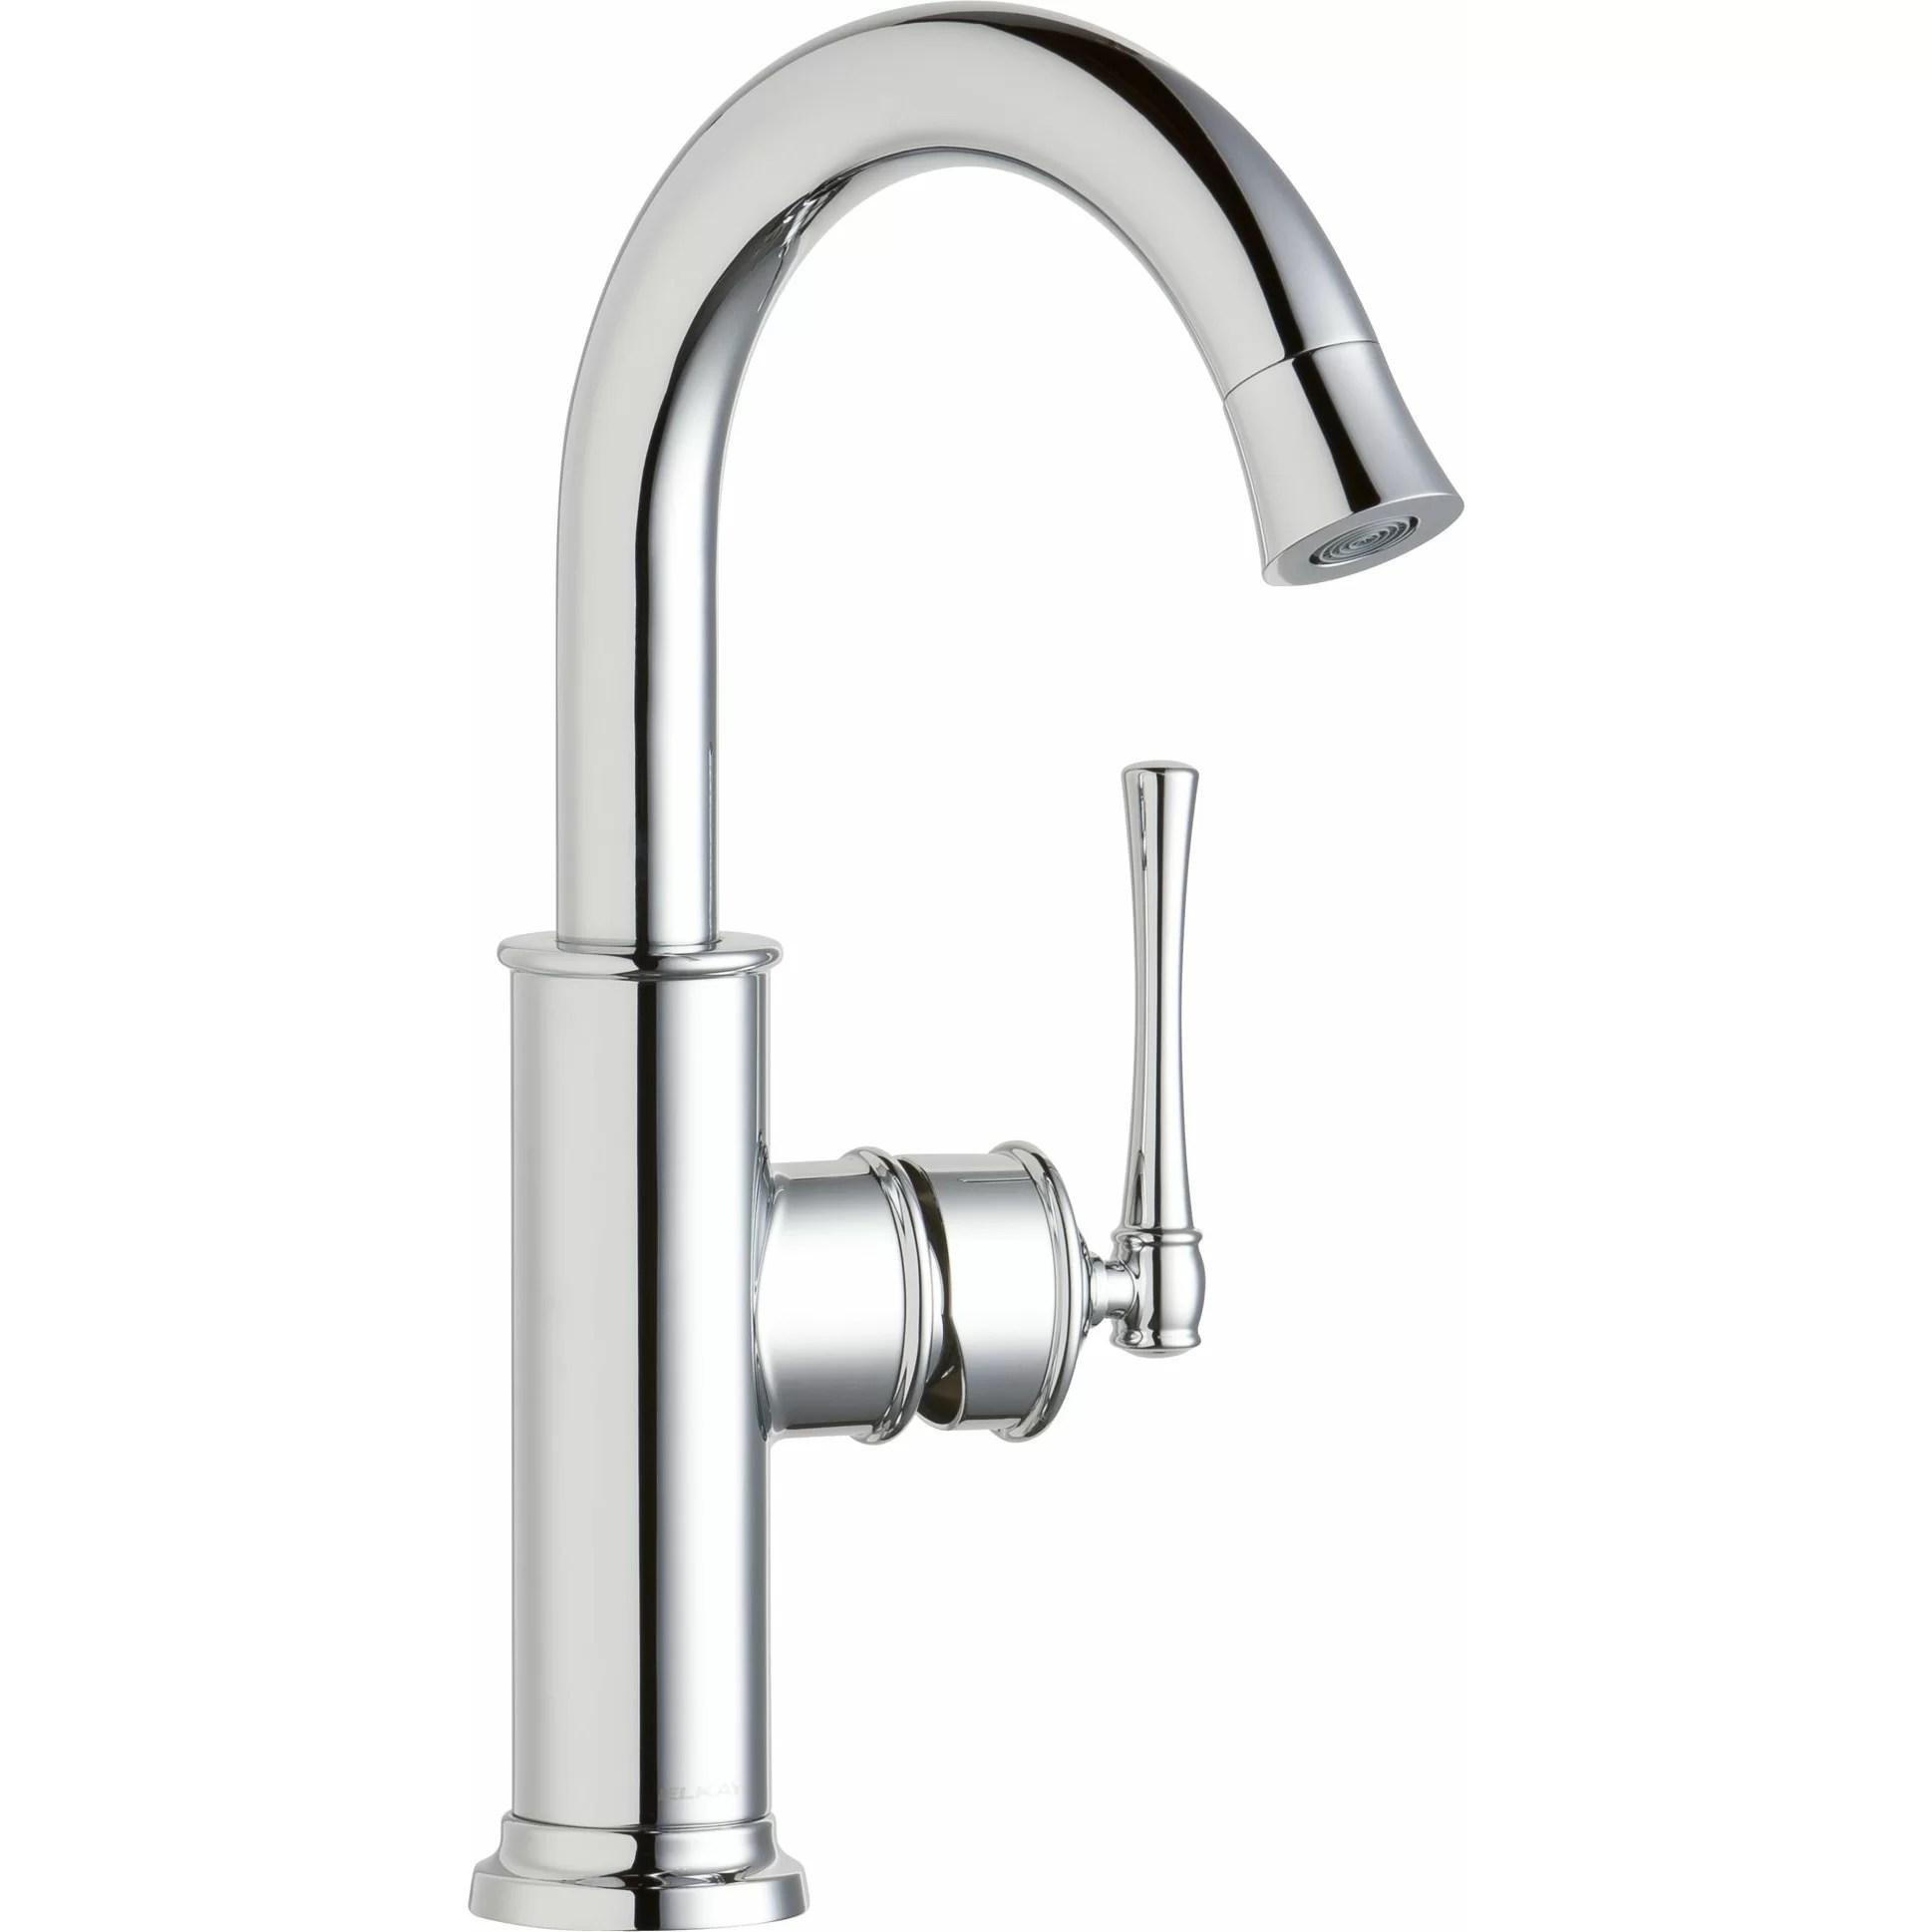 Elkay Explore Single Handle Deck Mount Kitchen Faucet